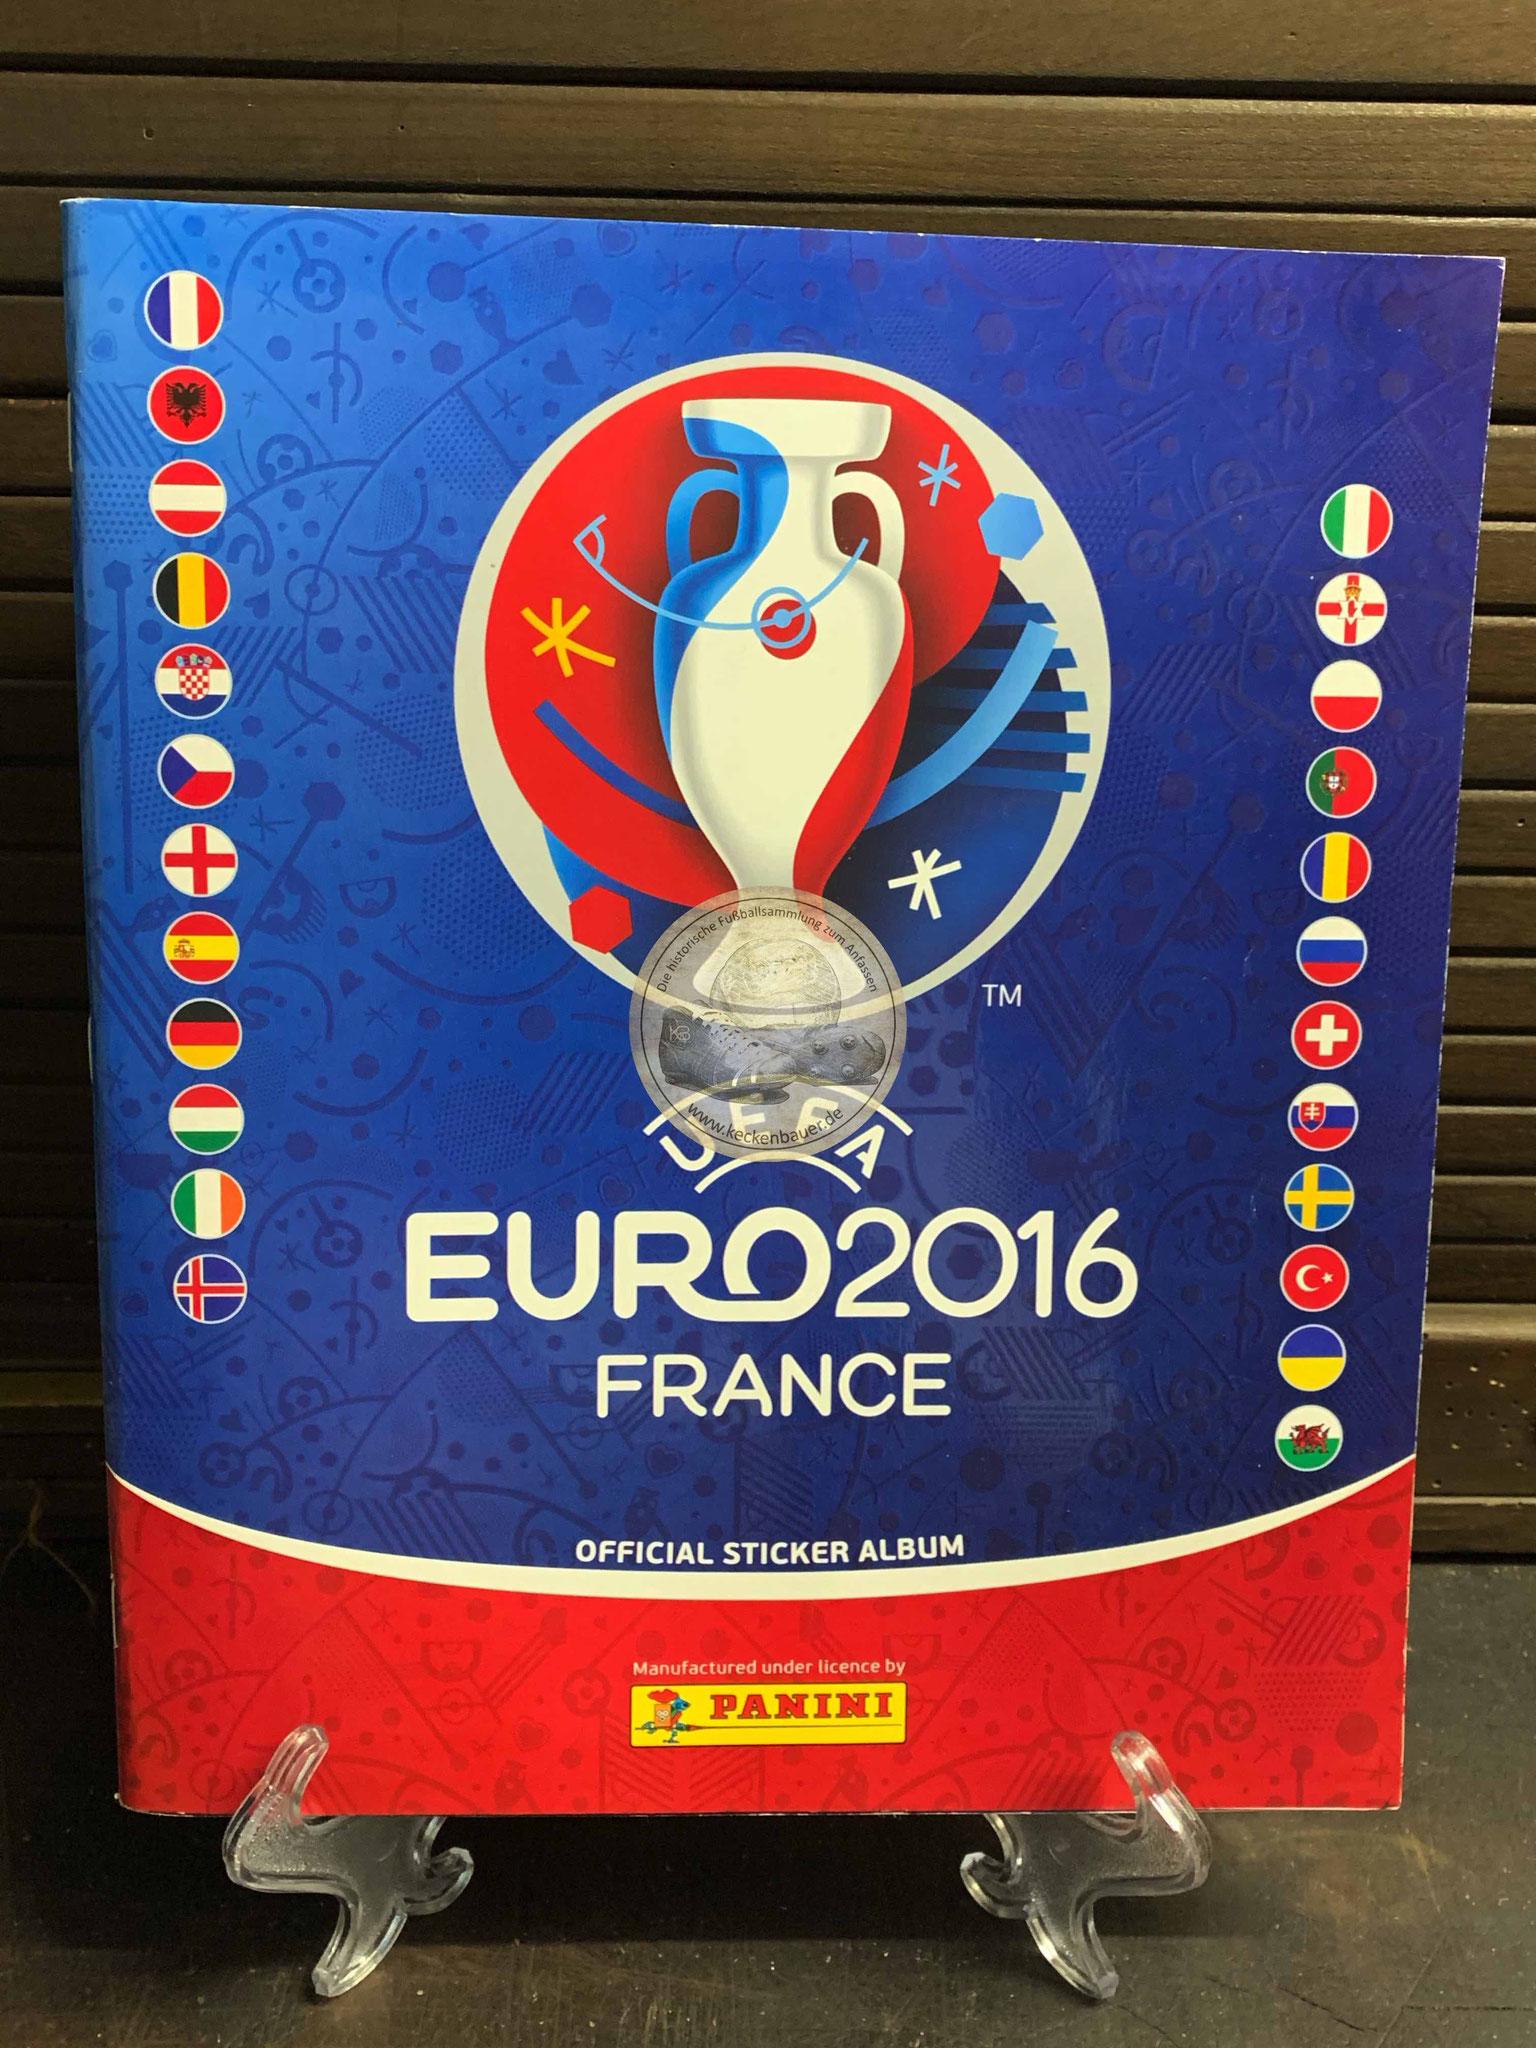 Panini Album von der EM 2016 in Frankreich